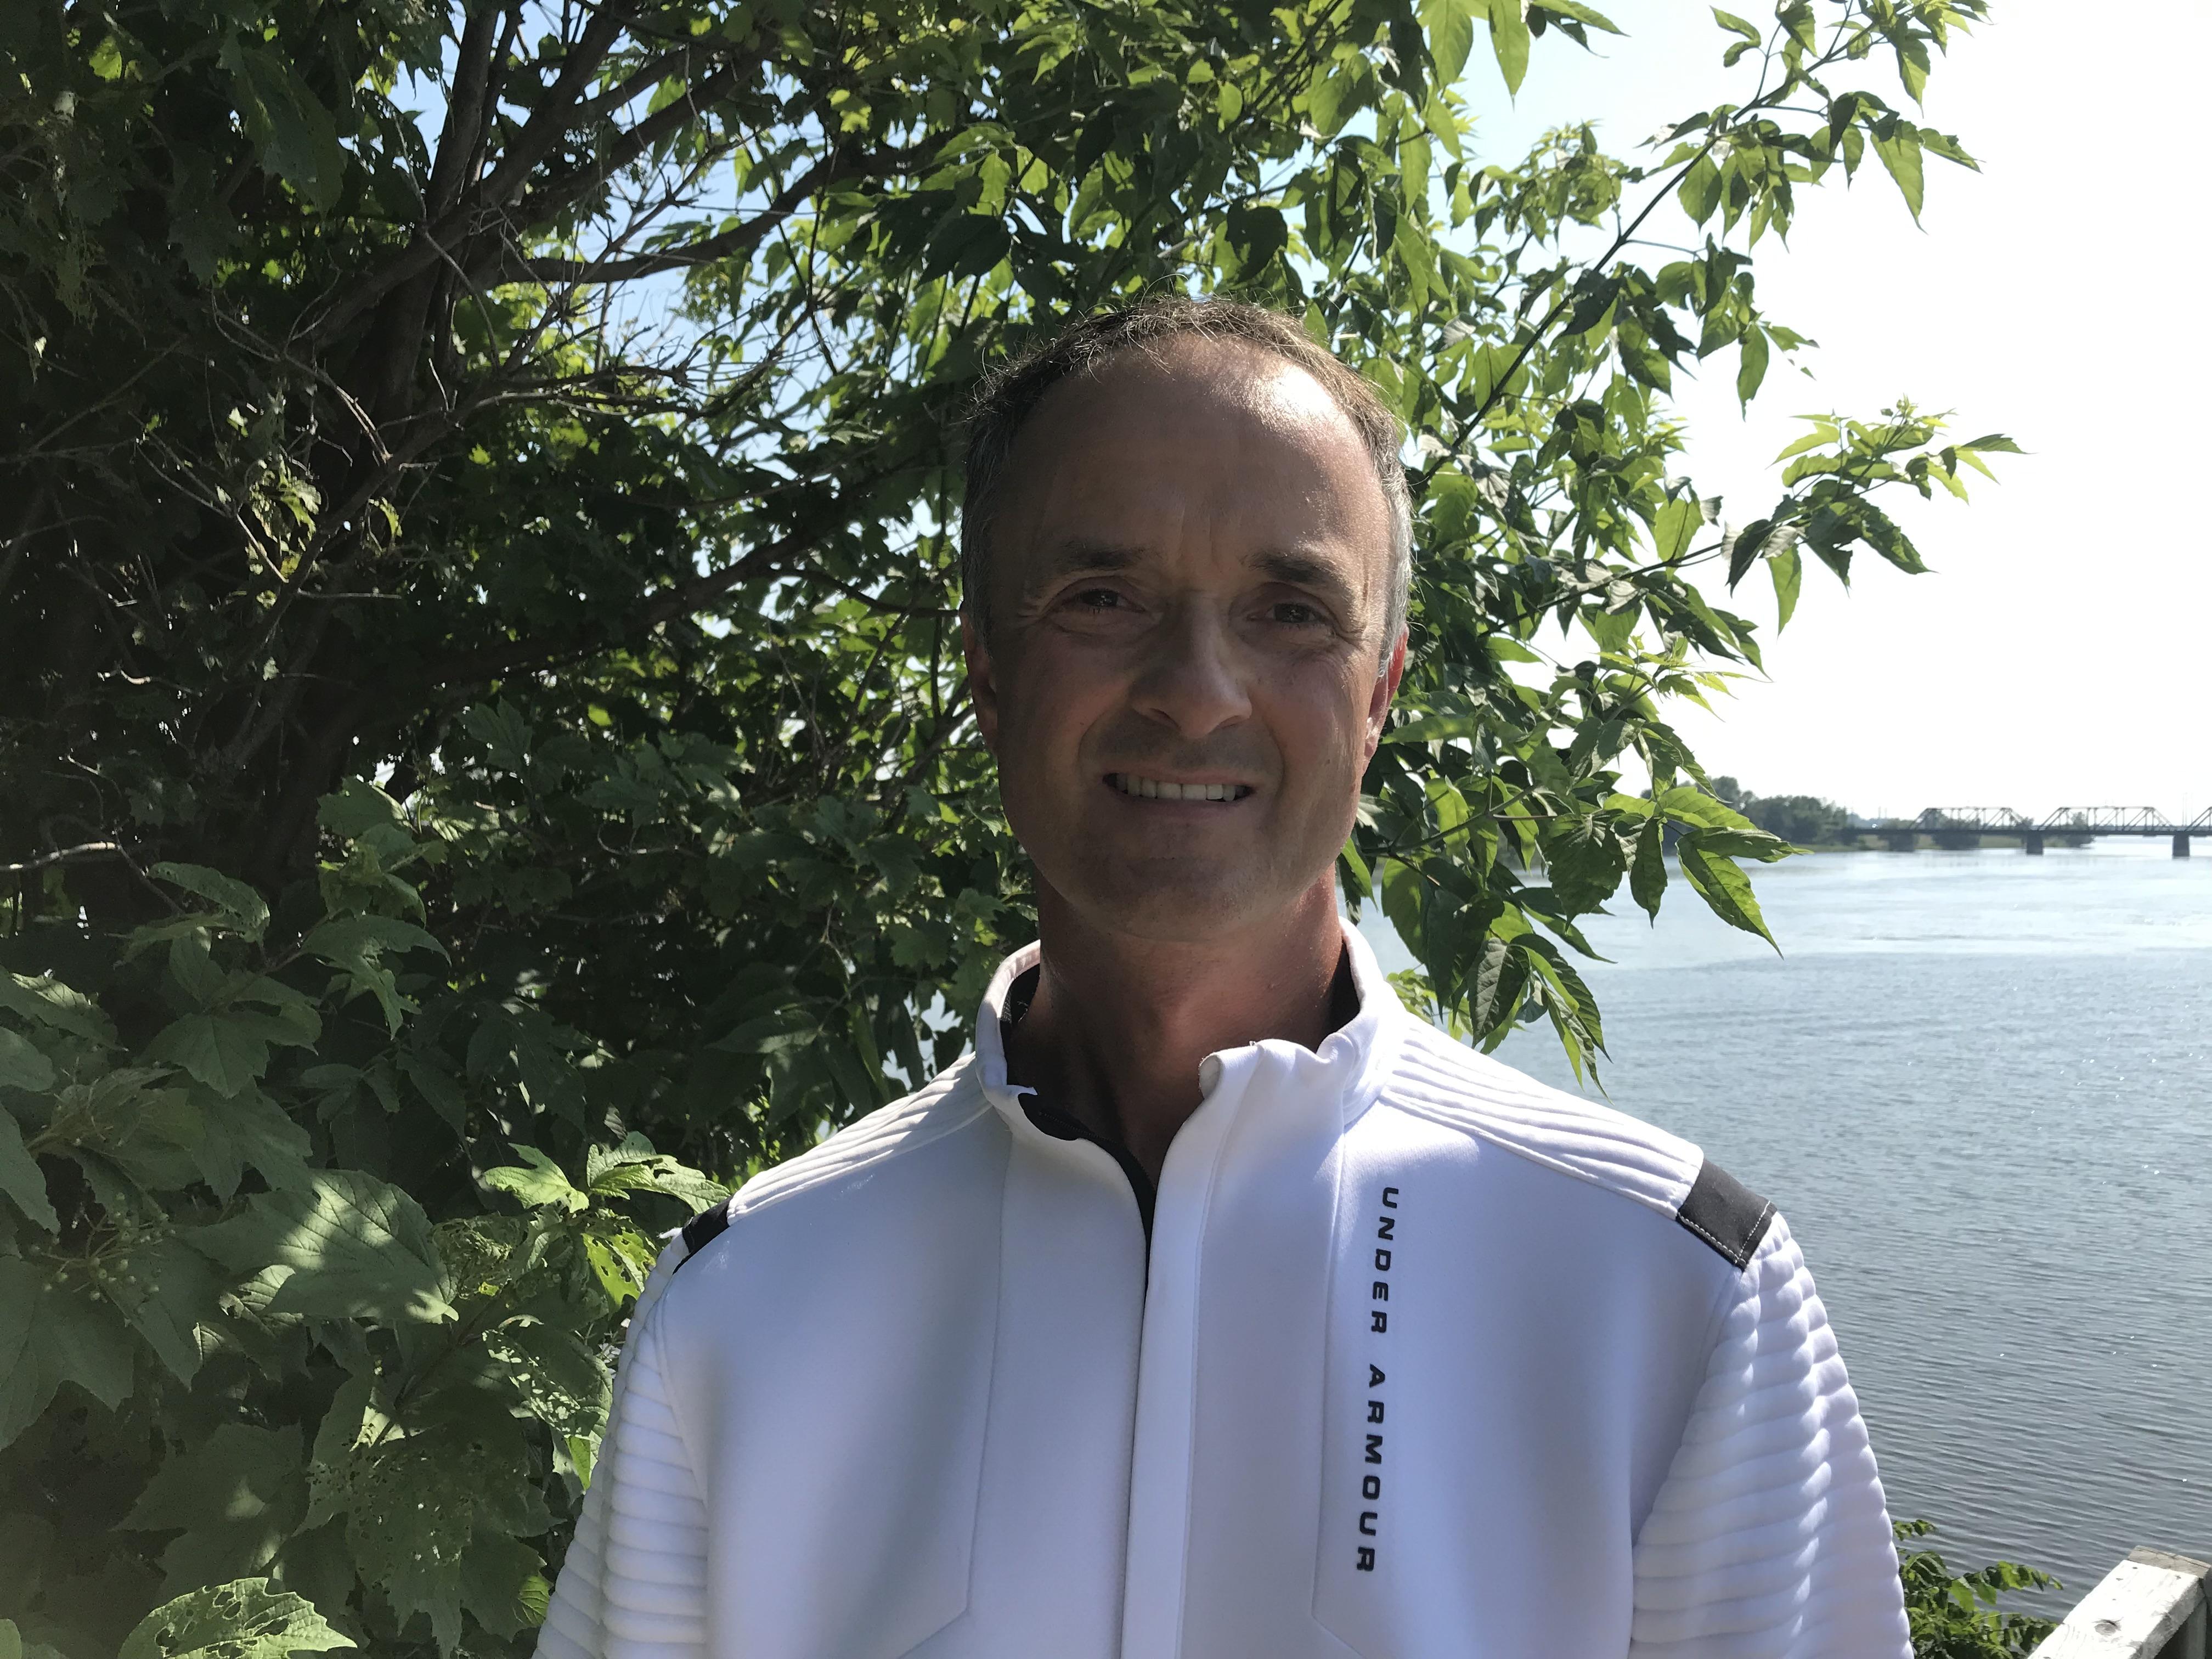 Daniel Cloutier